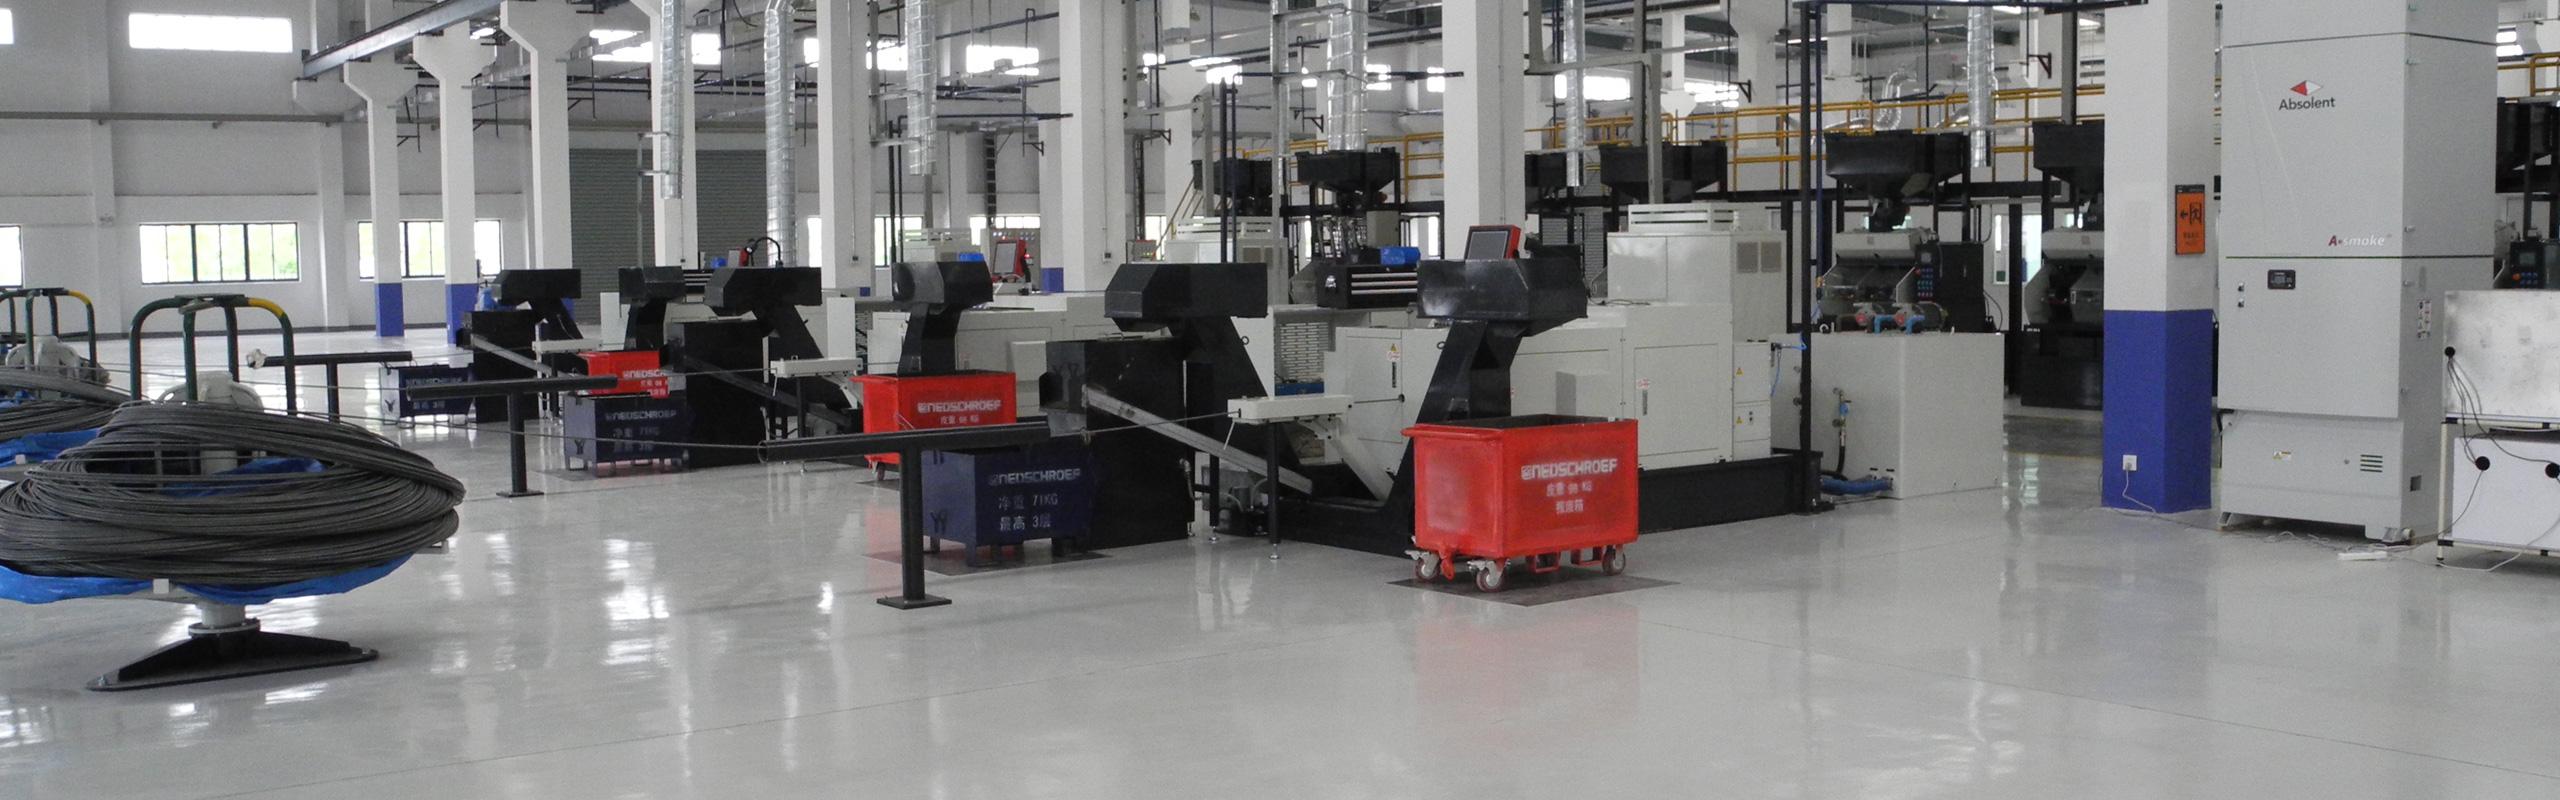 Maschinenterminals mit integrierter Prozessüberwachung - MES